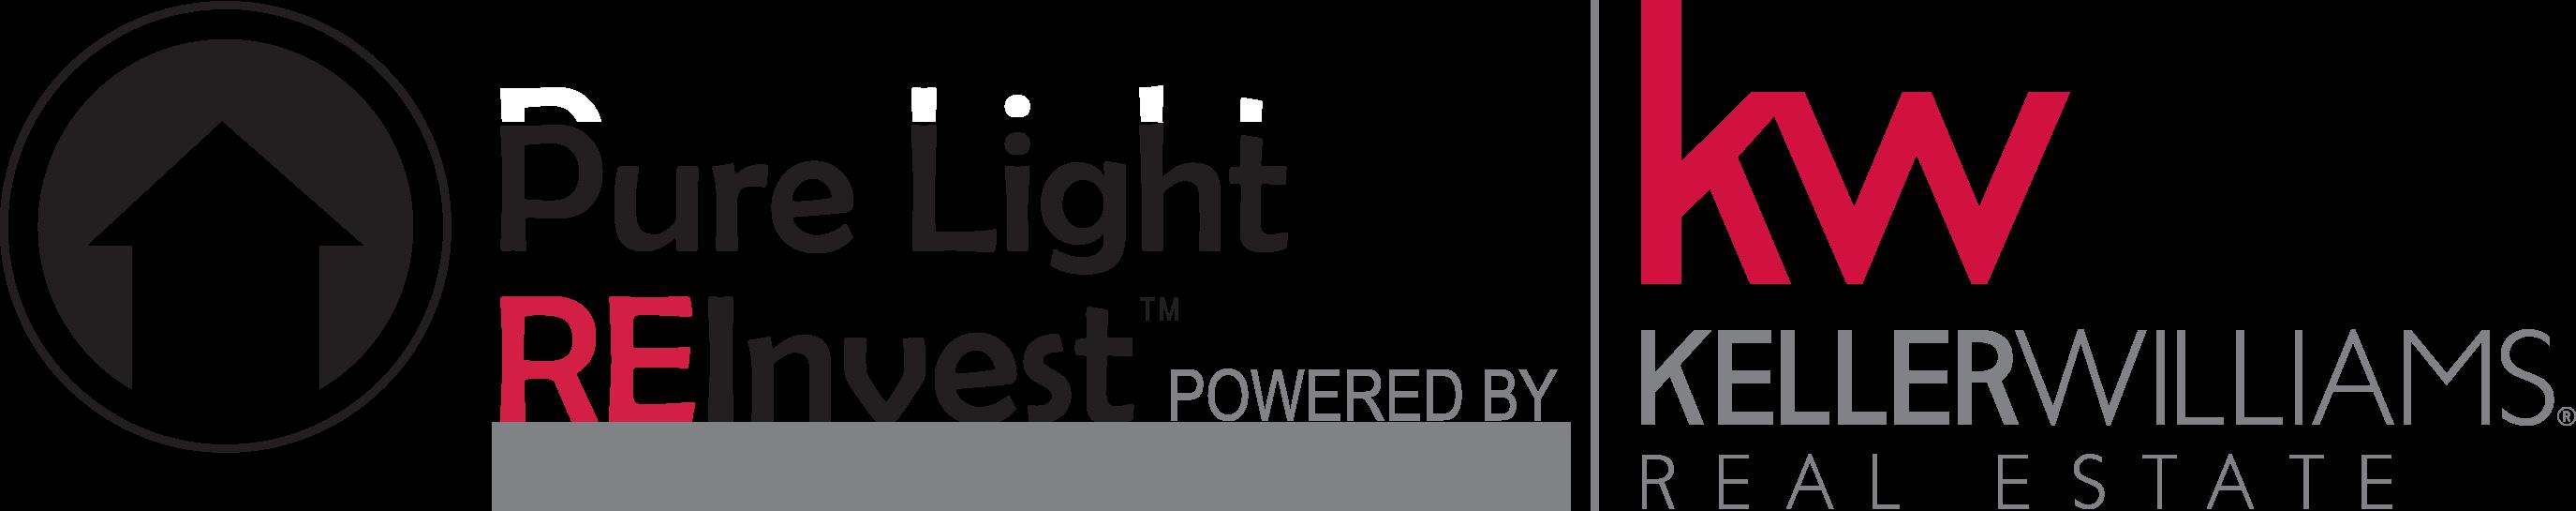 Pure Light REinvest